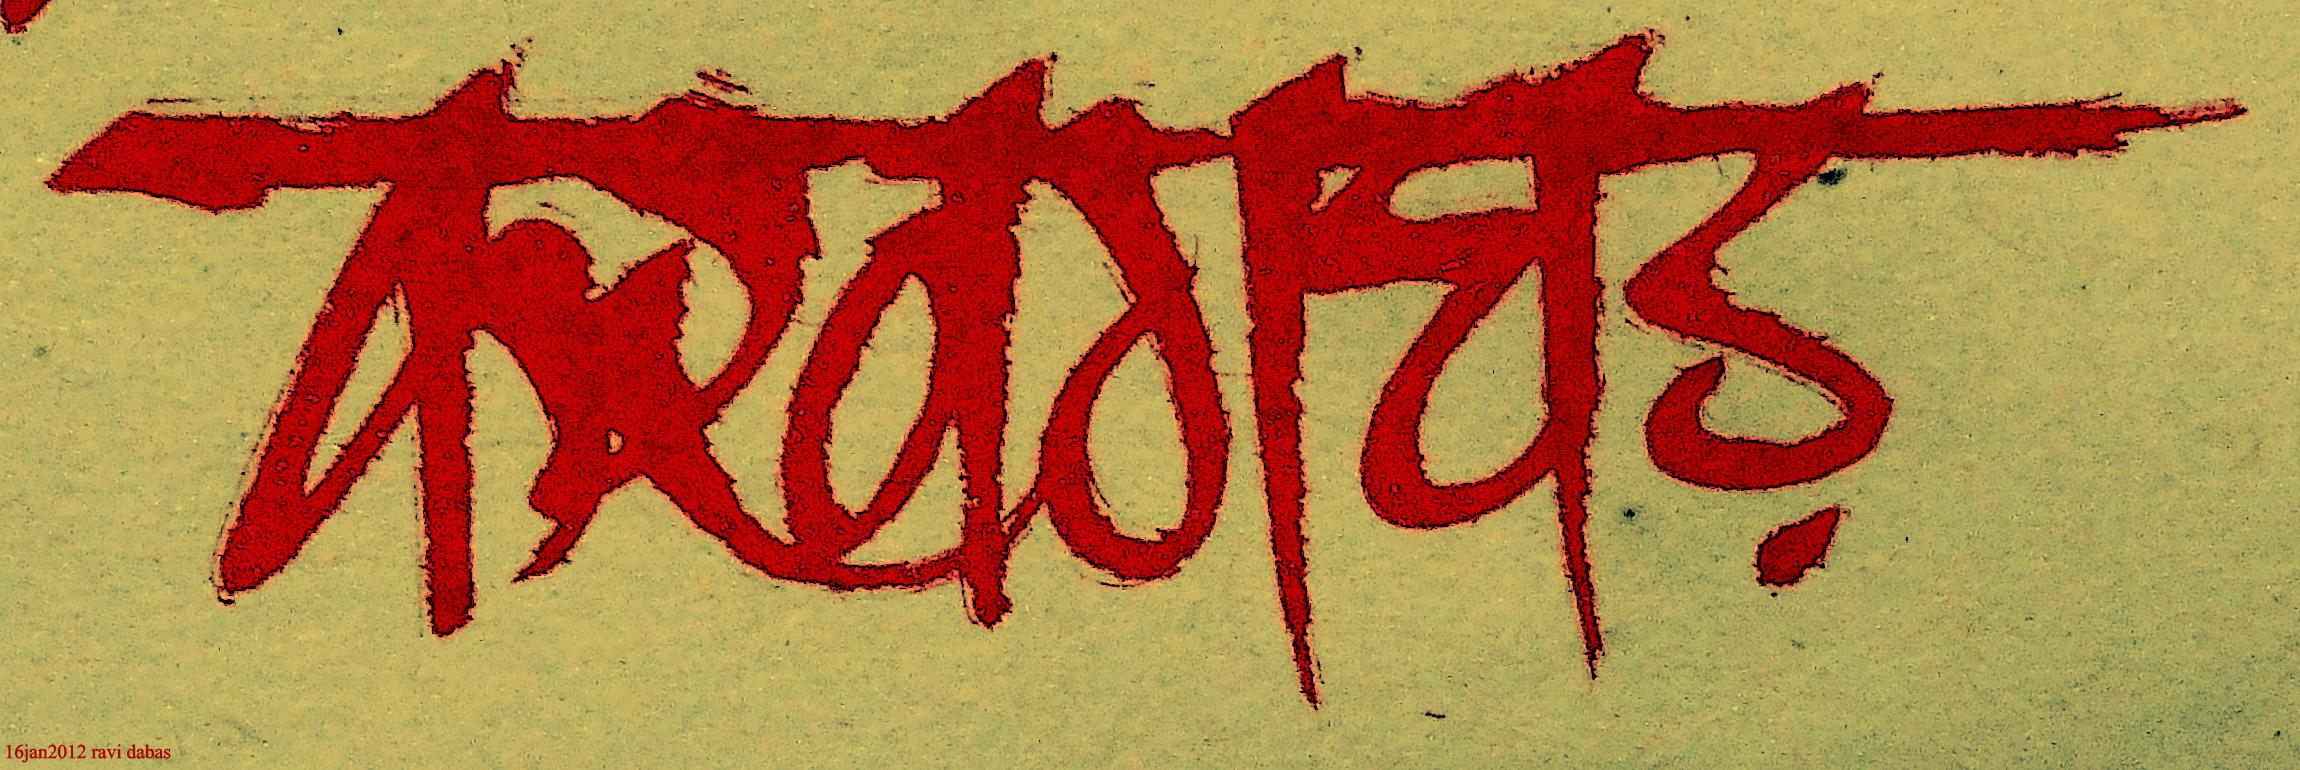 Hindi Alphabet By Rdx558 On Deviantart